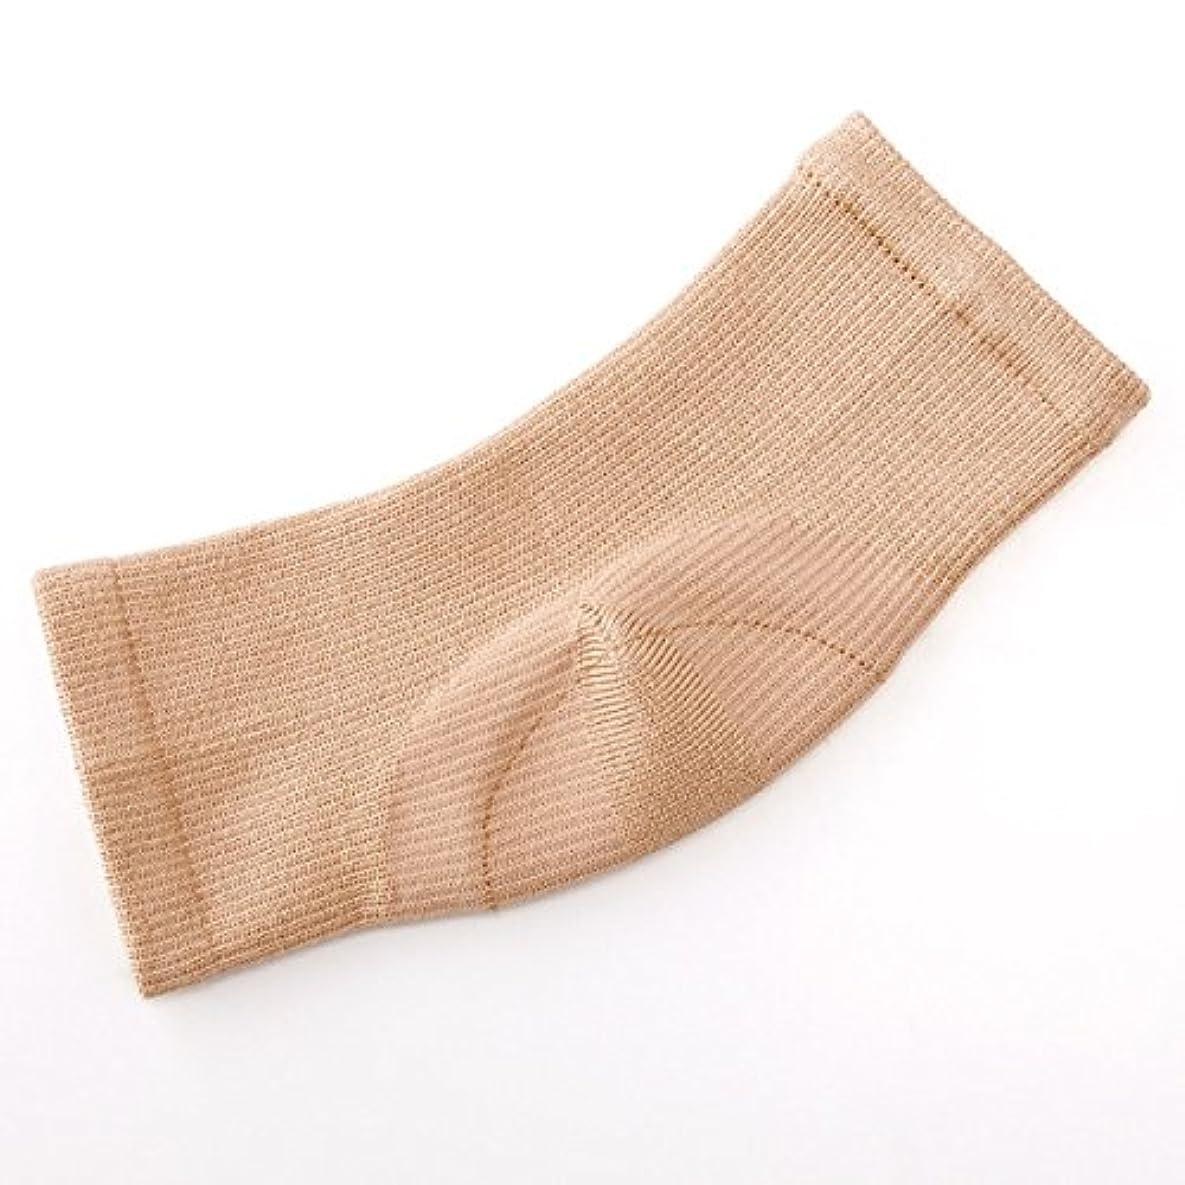 負コテージ肉腫シルク混かかと足裏つるるん シルク混 フットカバー かかと 保湿 フットケア 靴下